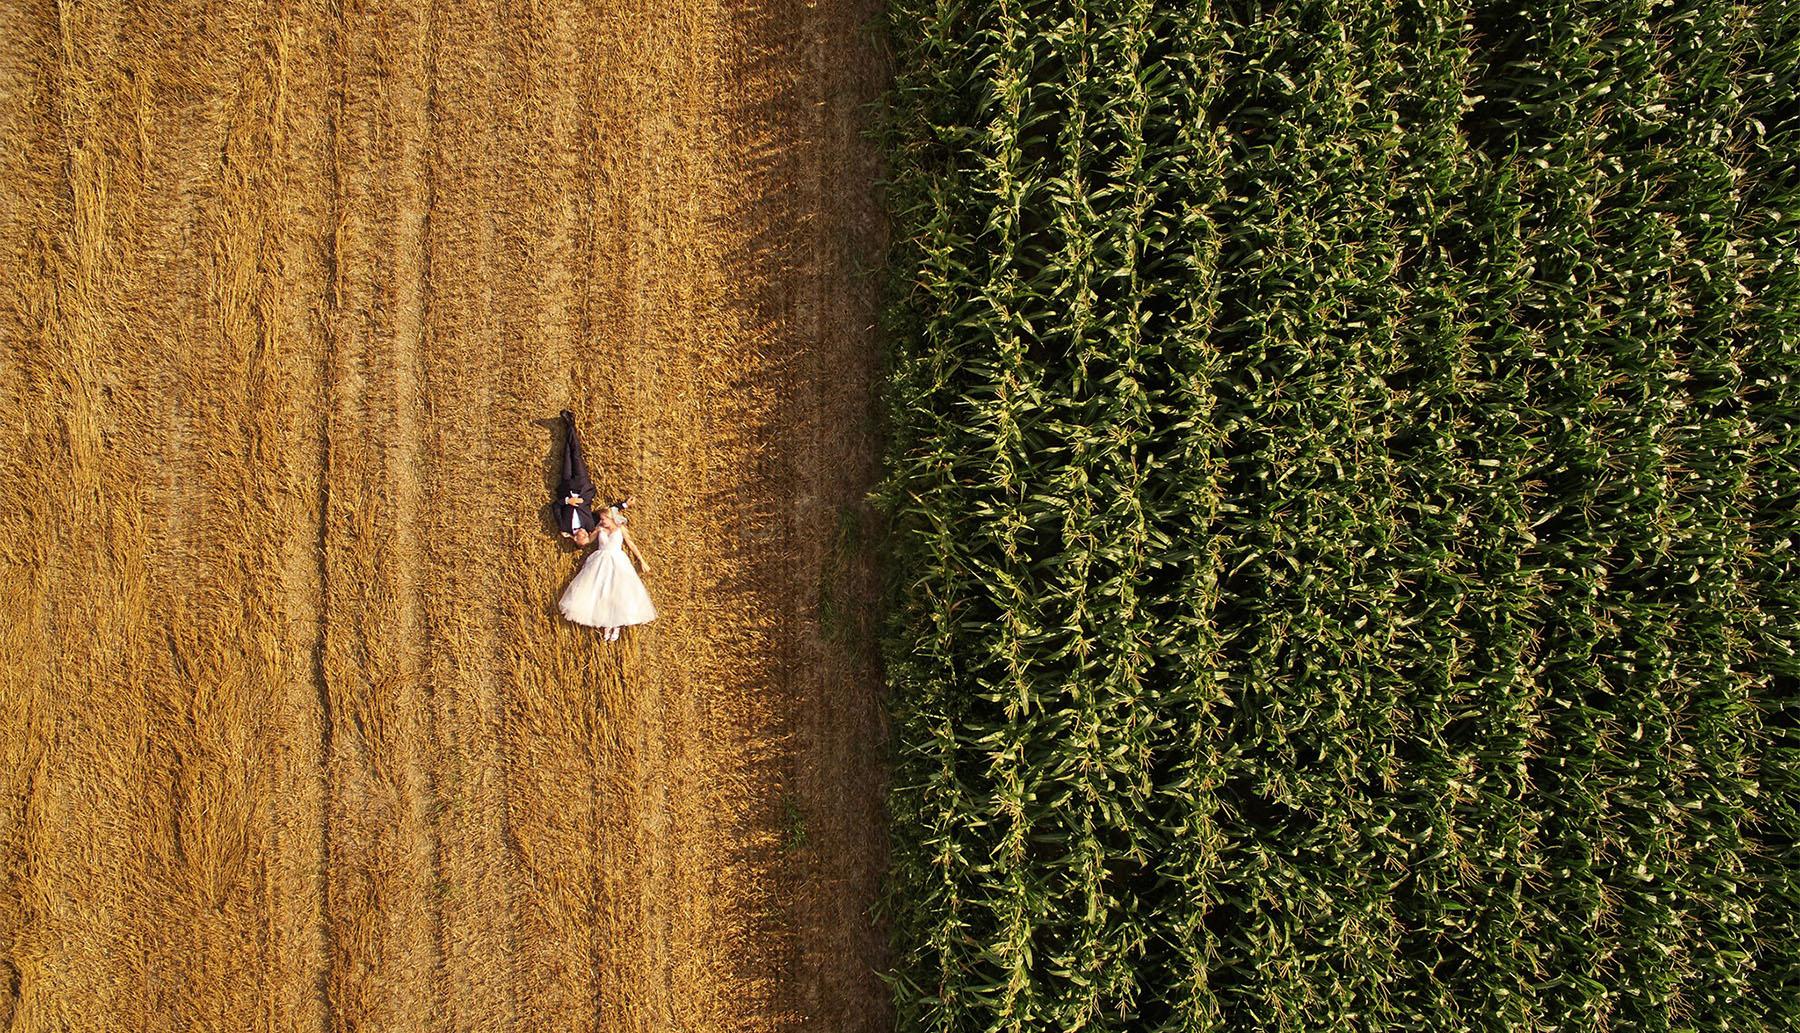 zdjęcia z drona, fotograf rustykalny, fotograf glamur